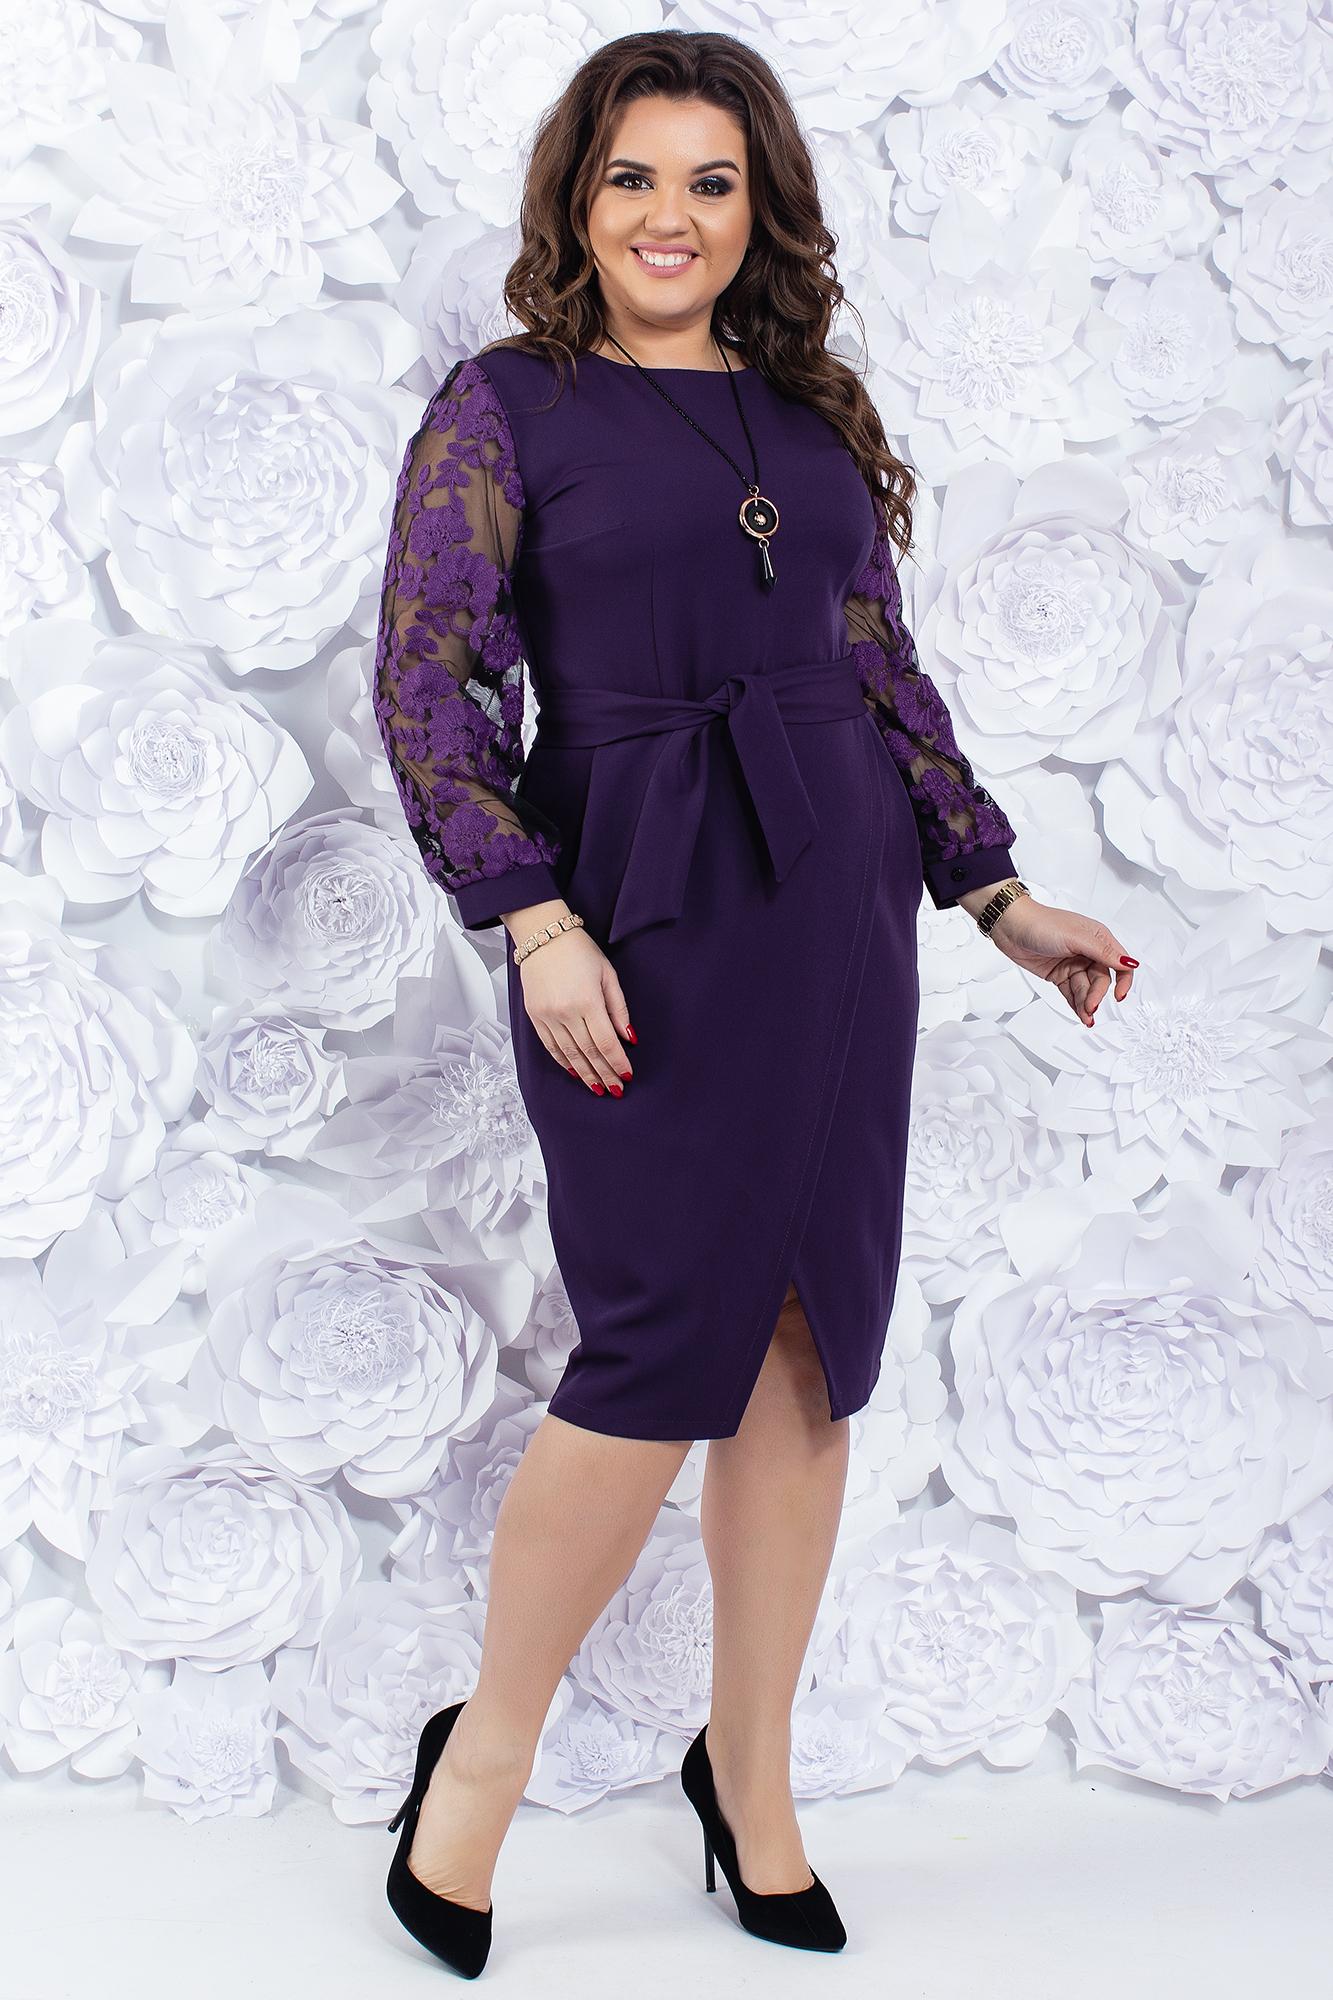 e4def767274 Платья оптом от производителя. Купить женские платья оптом по низким ценам  в Украине